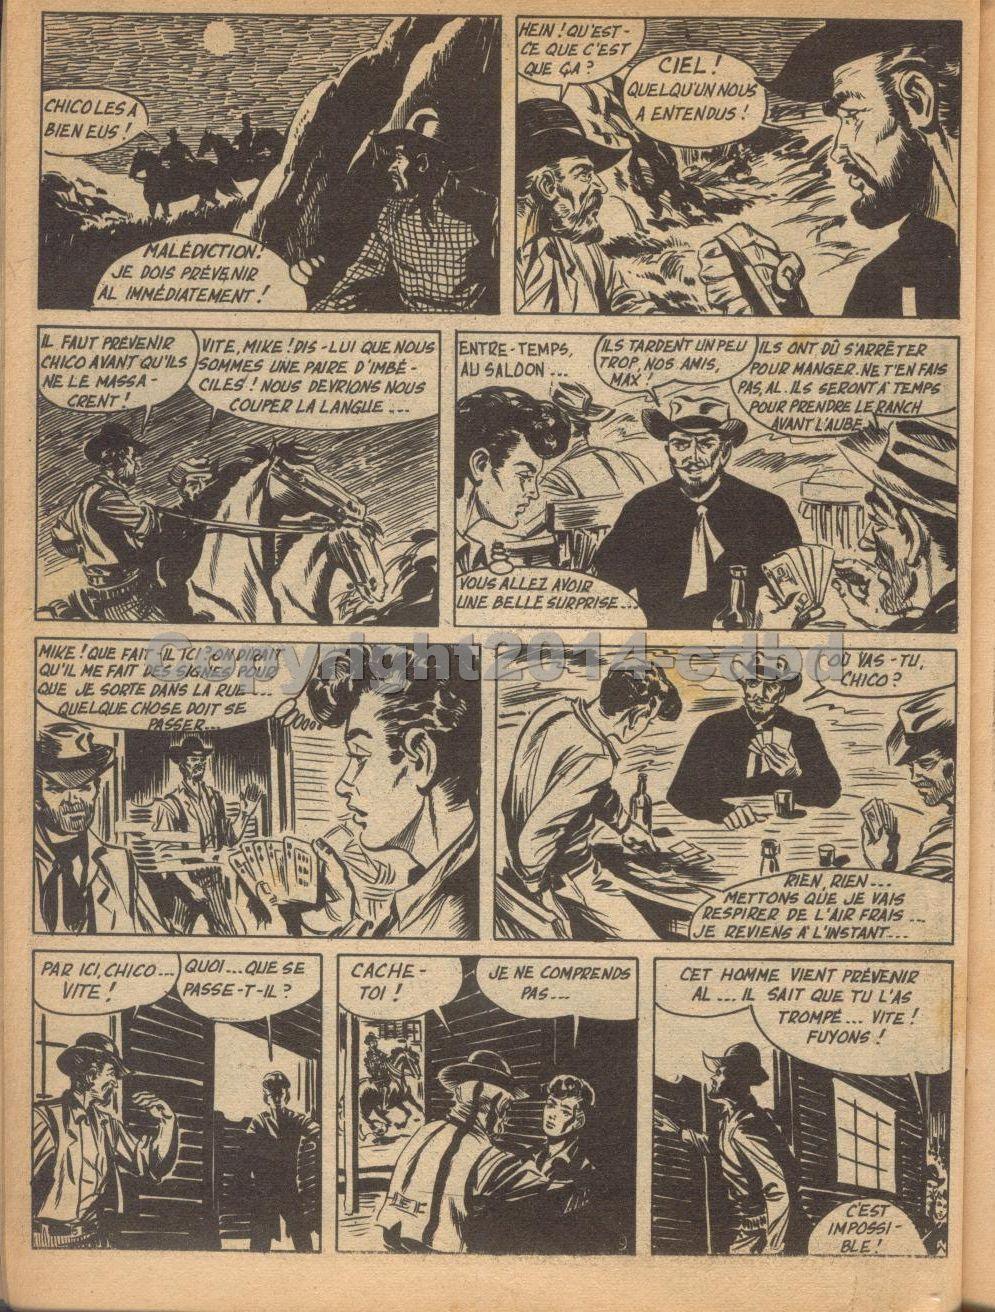 Audax mensuel n°64 de Janvier 1958 -page 01 à 10